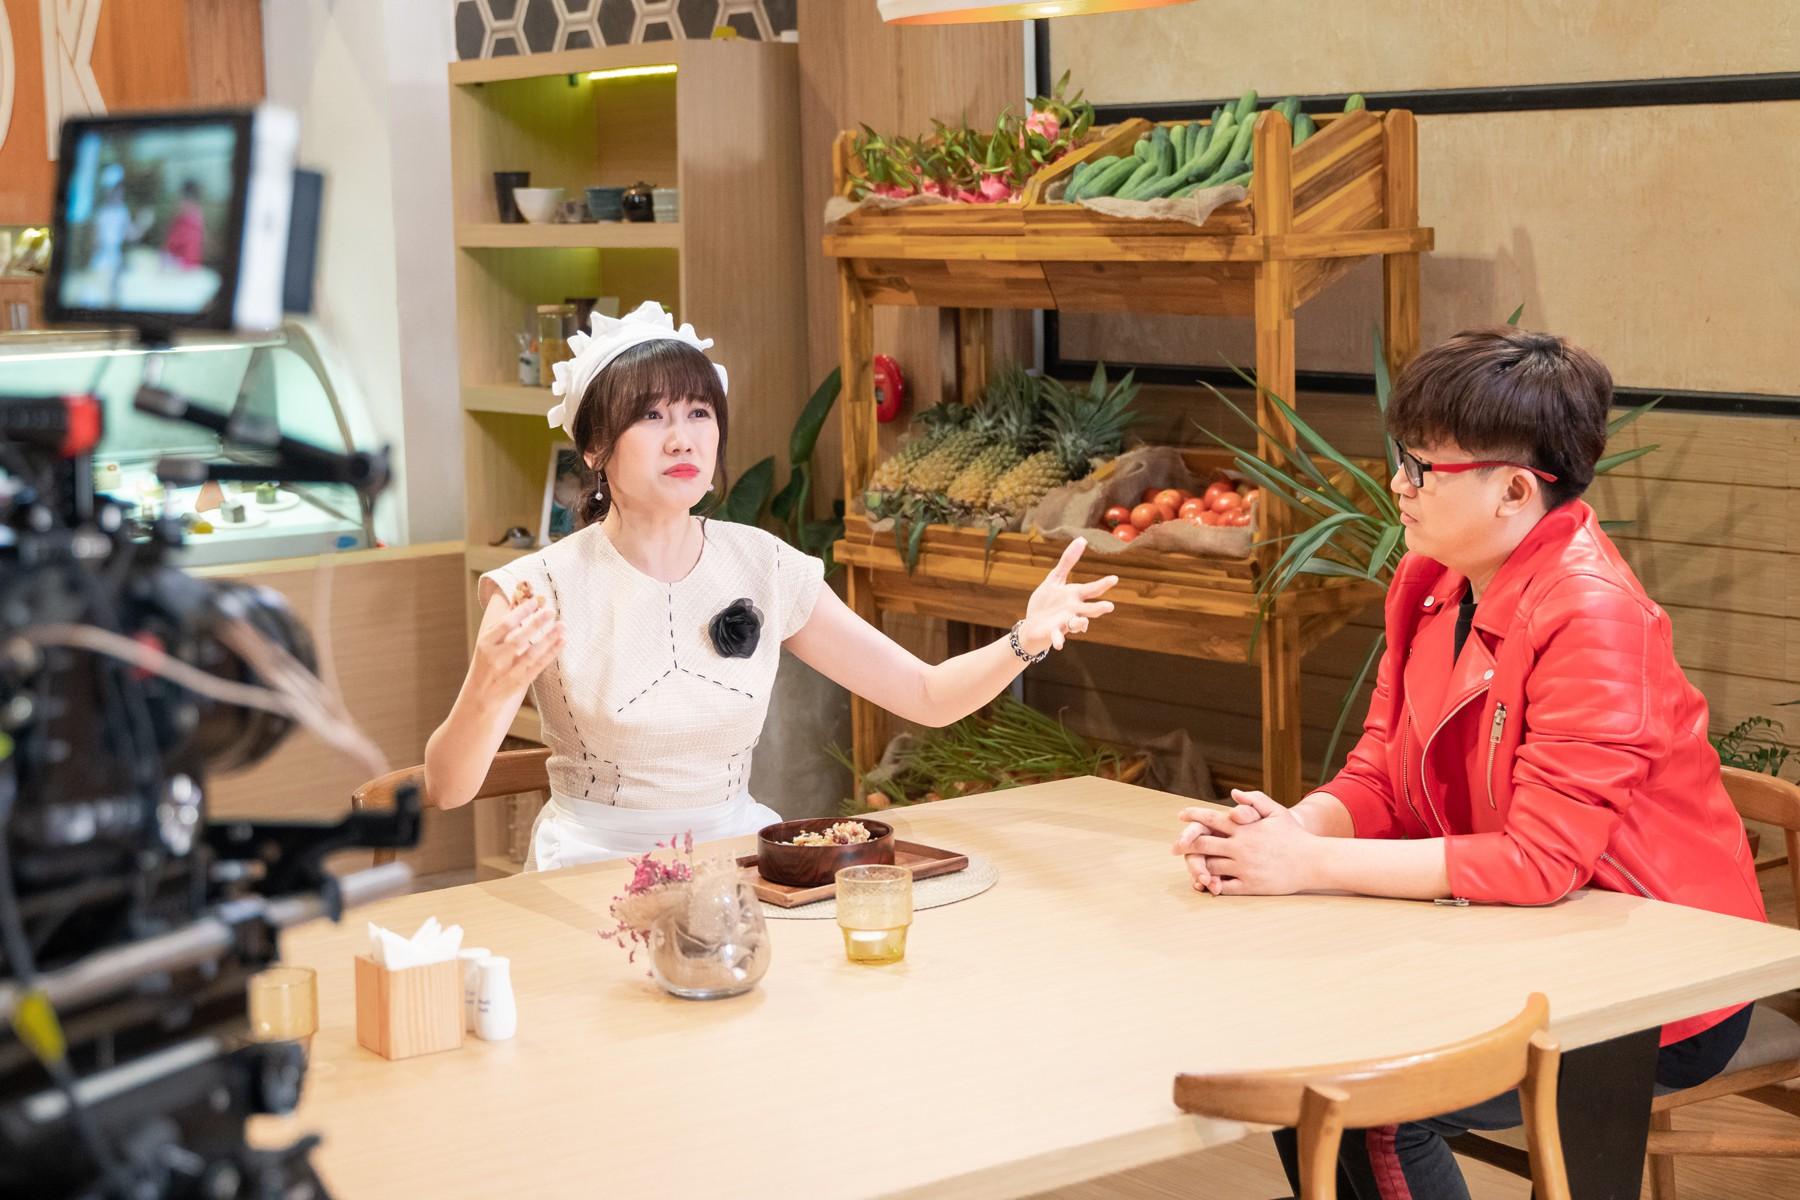 Làm nữ phục vụ xinh xắn, Hari Won bị than phiền vì thường xuyên xin ăn của đồng nghiệp  - Ảnh 1.